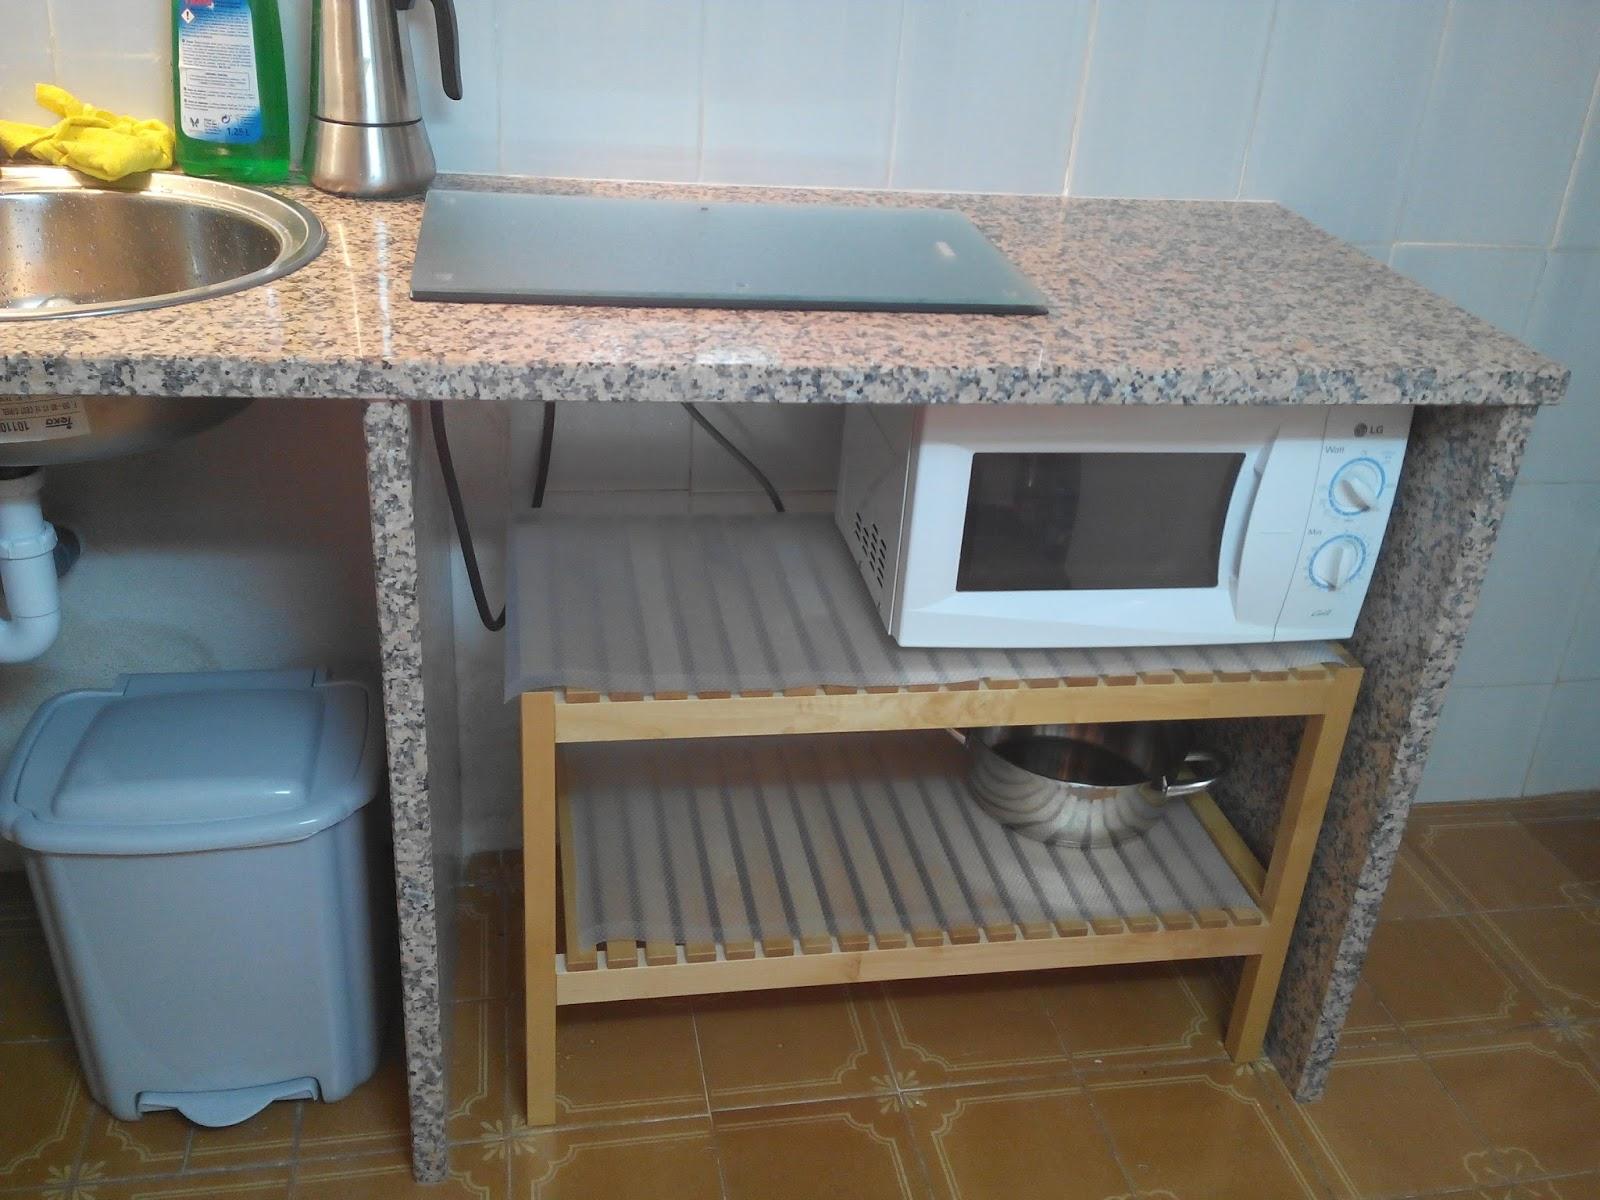 Patronhila: Cortinas para muebles de cocina